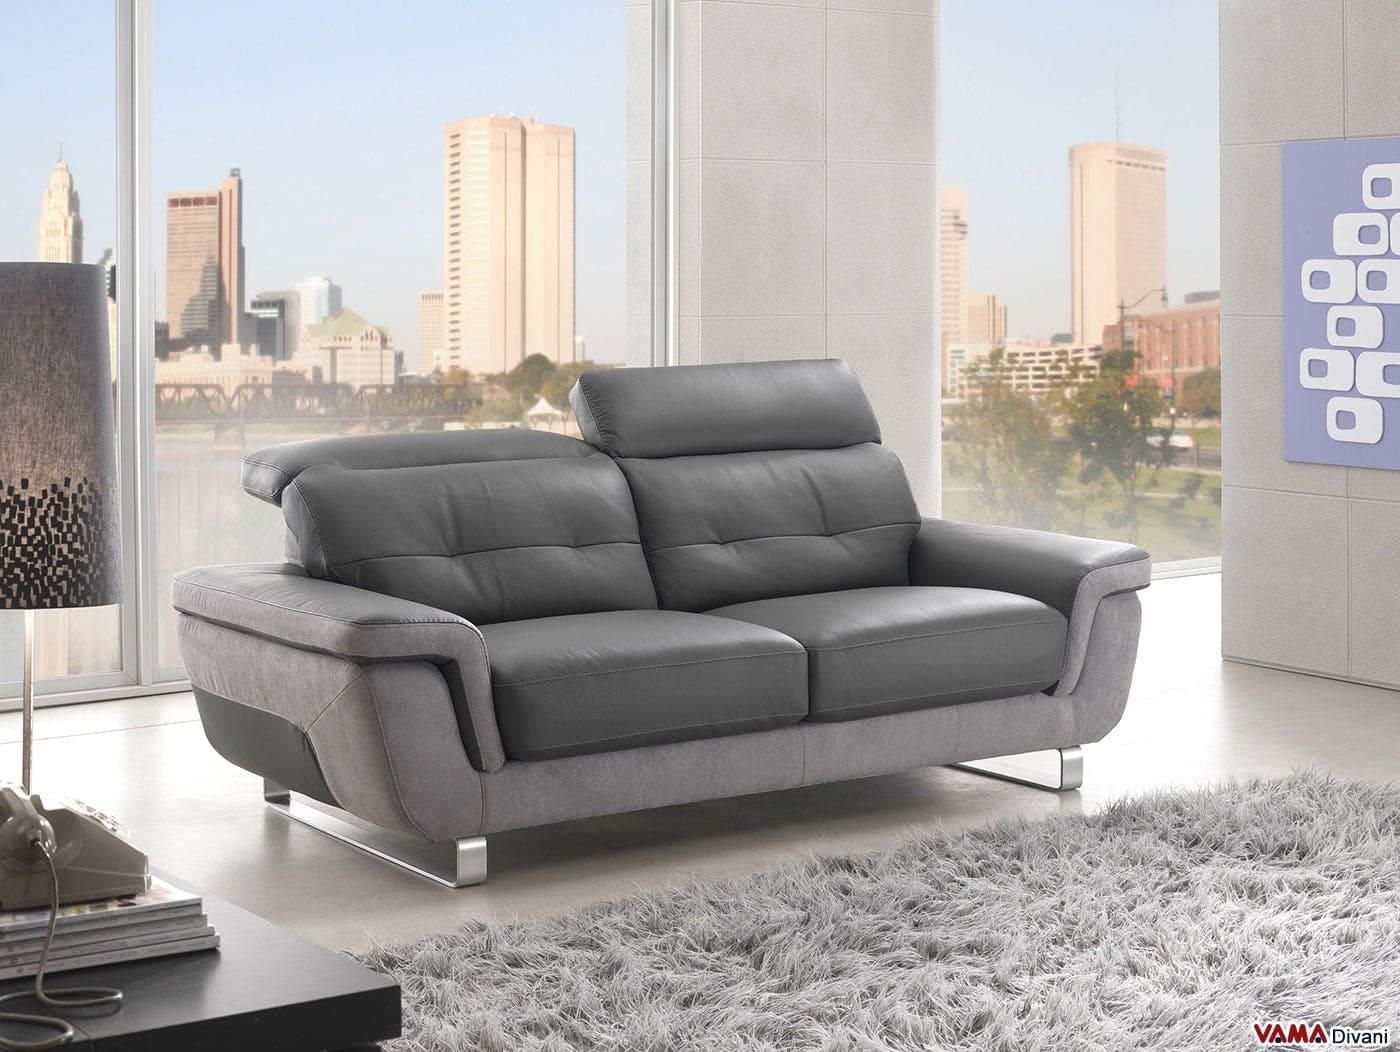 Divano moderno in pelle con poggiatesta reclinabili - Poggiatesta per divano ...